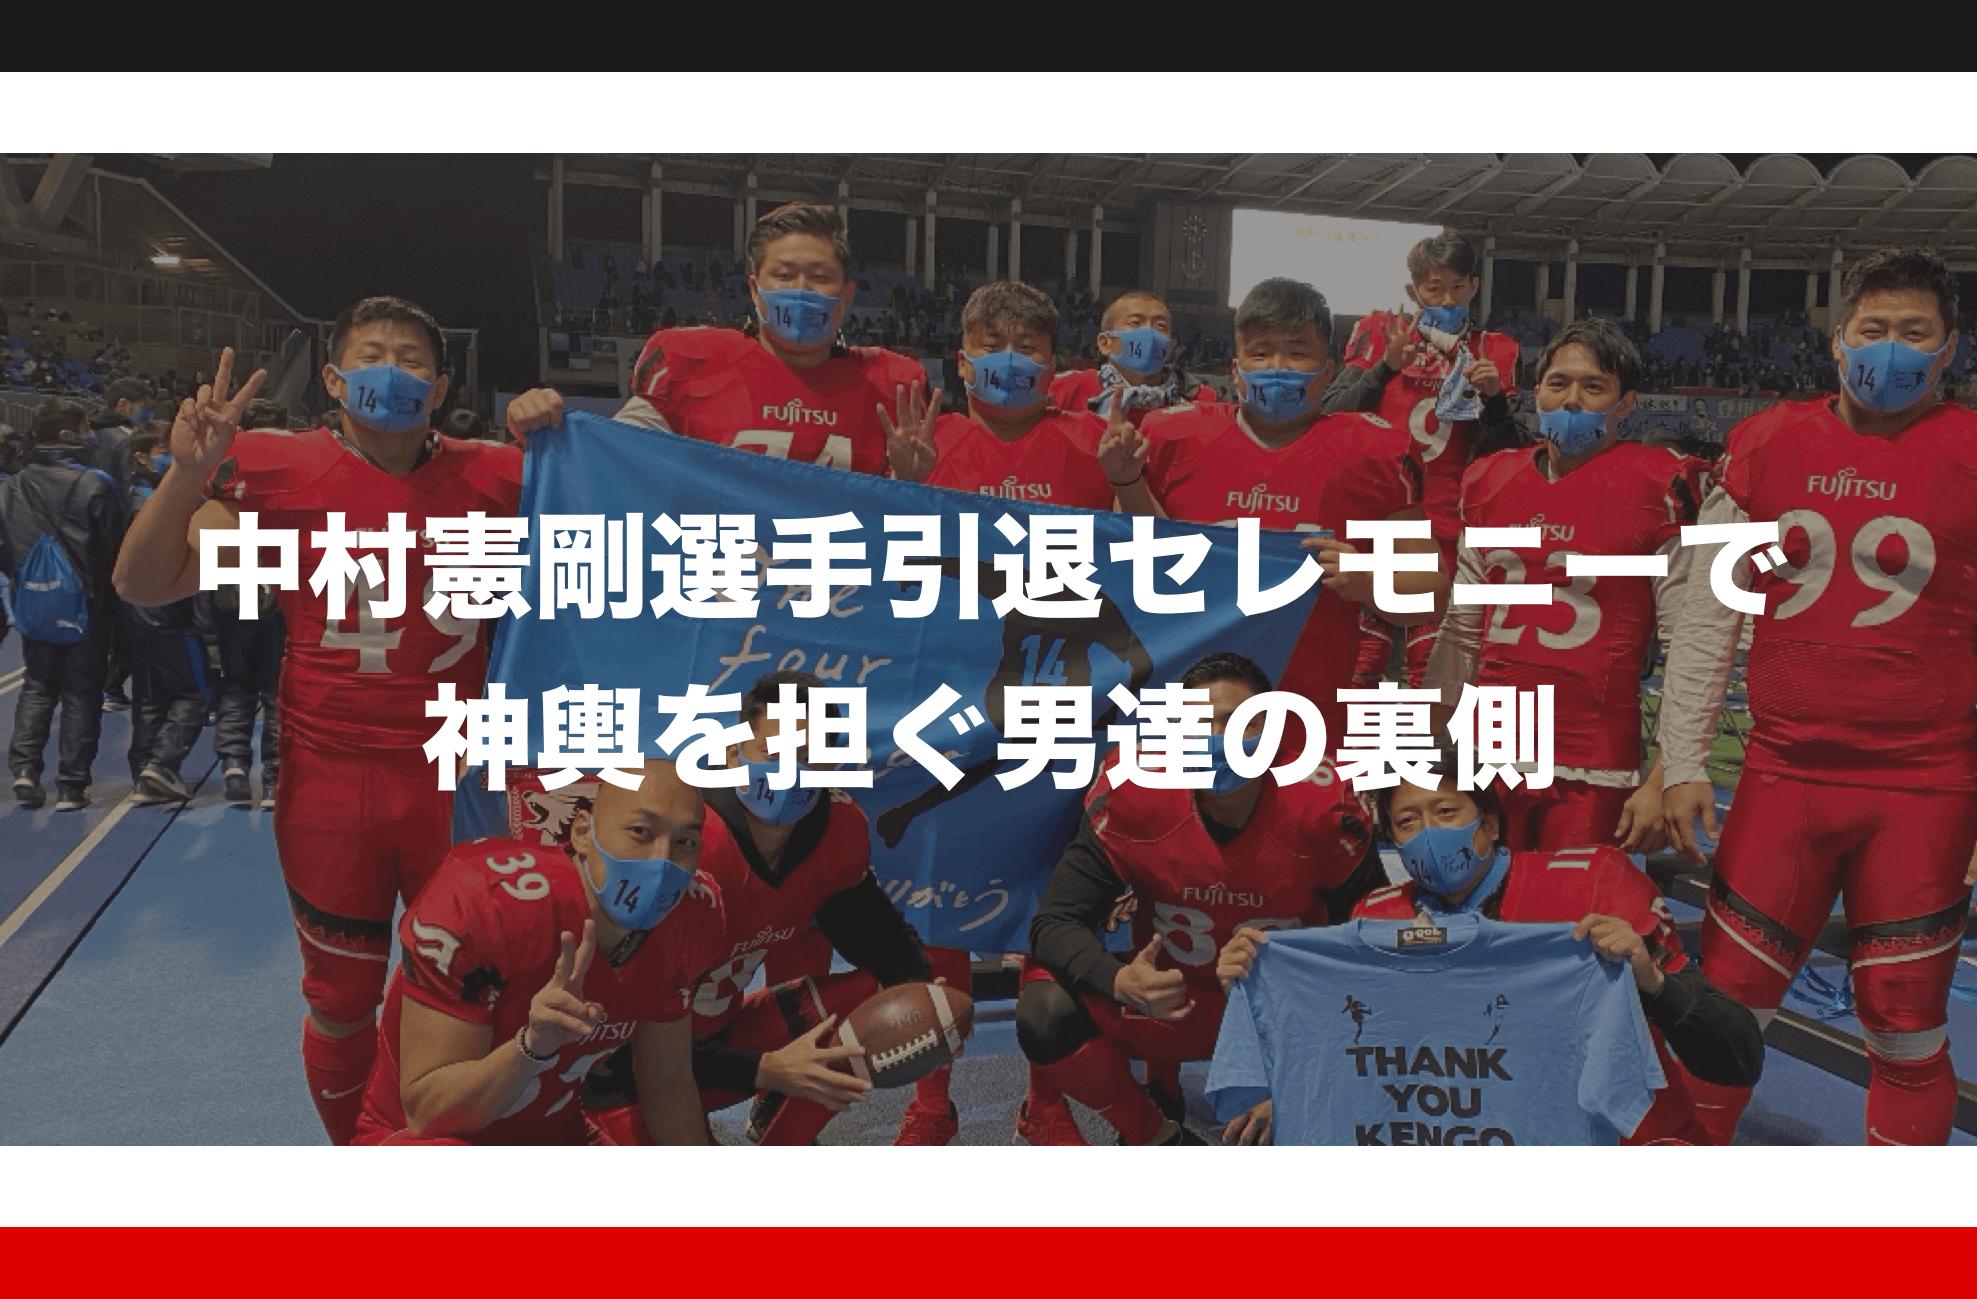 """""""One Four KENGO""""中村憲剛選手引退セレモニーで神輿を担ぐ男達の裏側!!"""